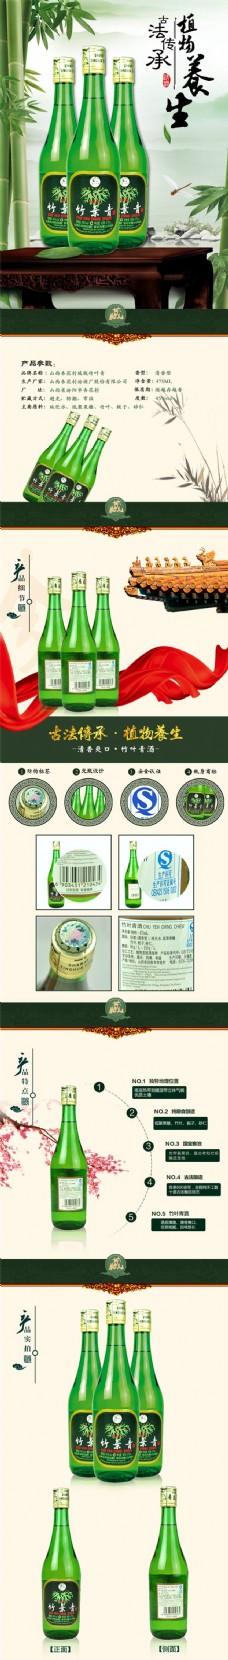 植物养生 酒水详情页PSD免费下载